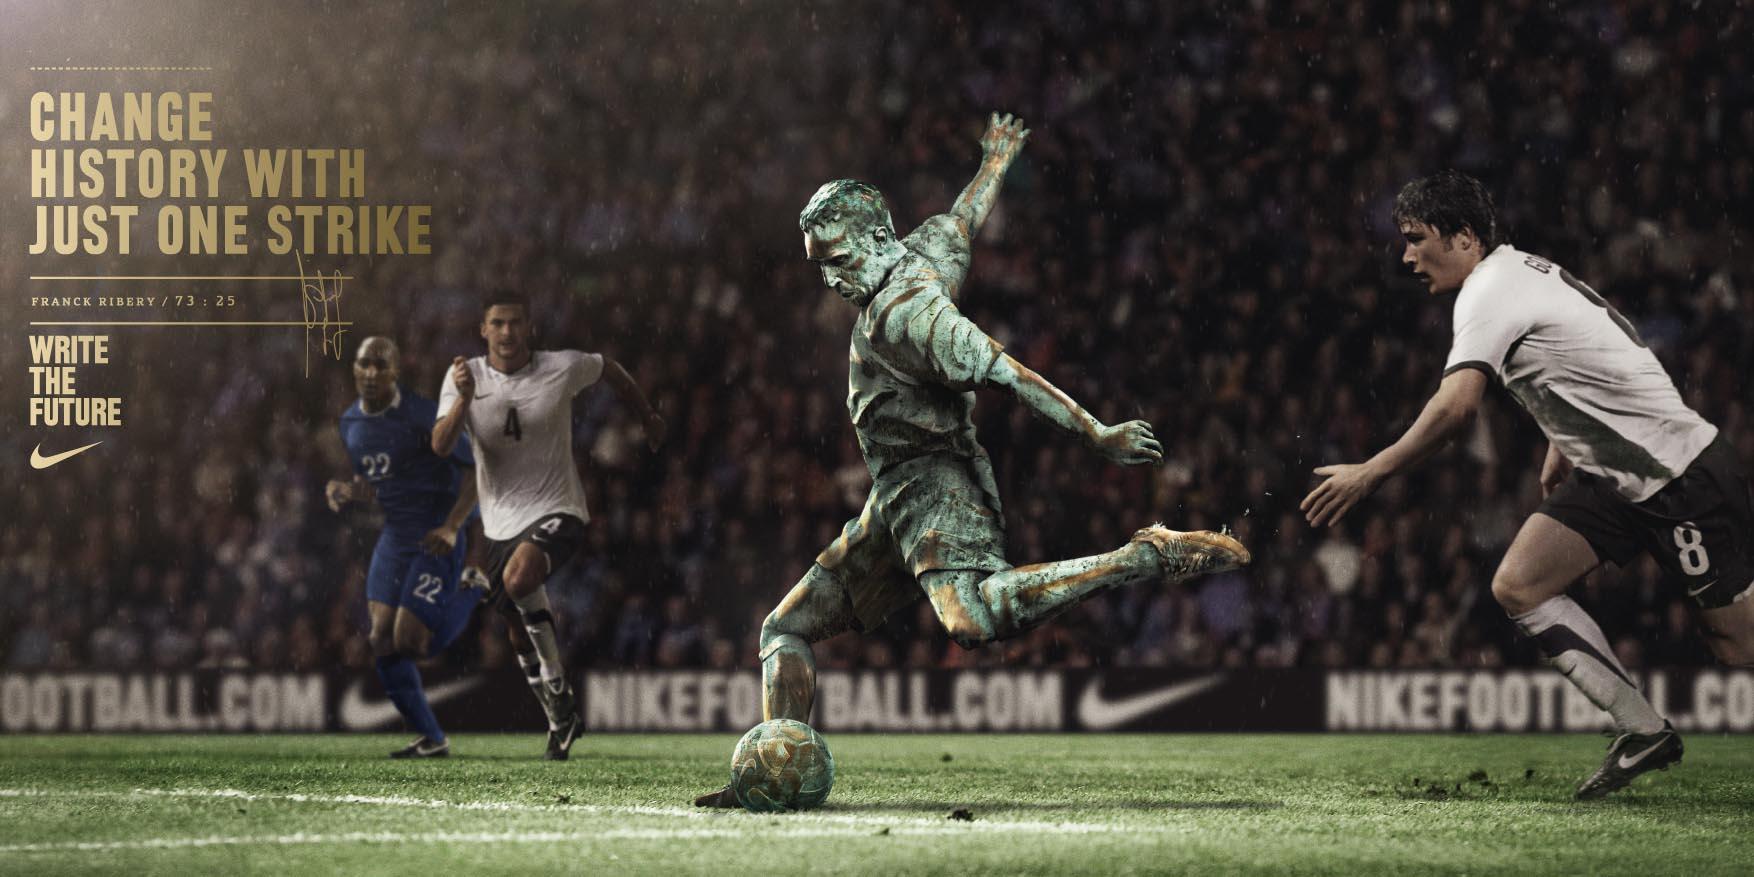 Spécial Coupe du Monde de Football : Les 100 plus belles publicités sur le foot ! 112